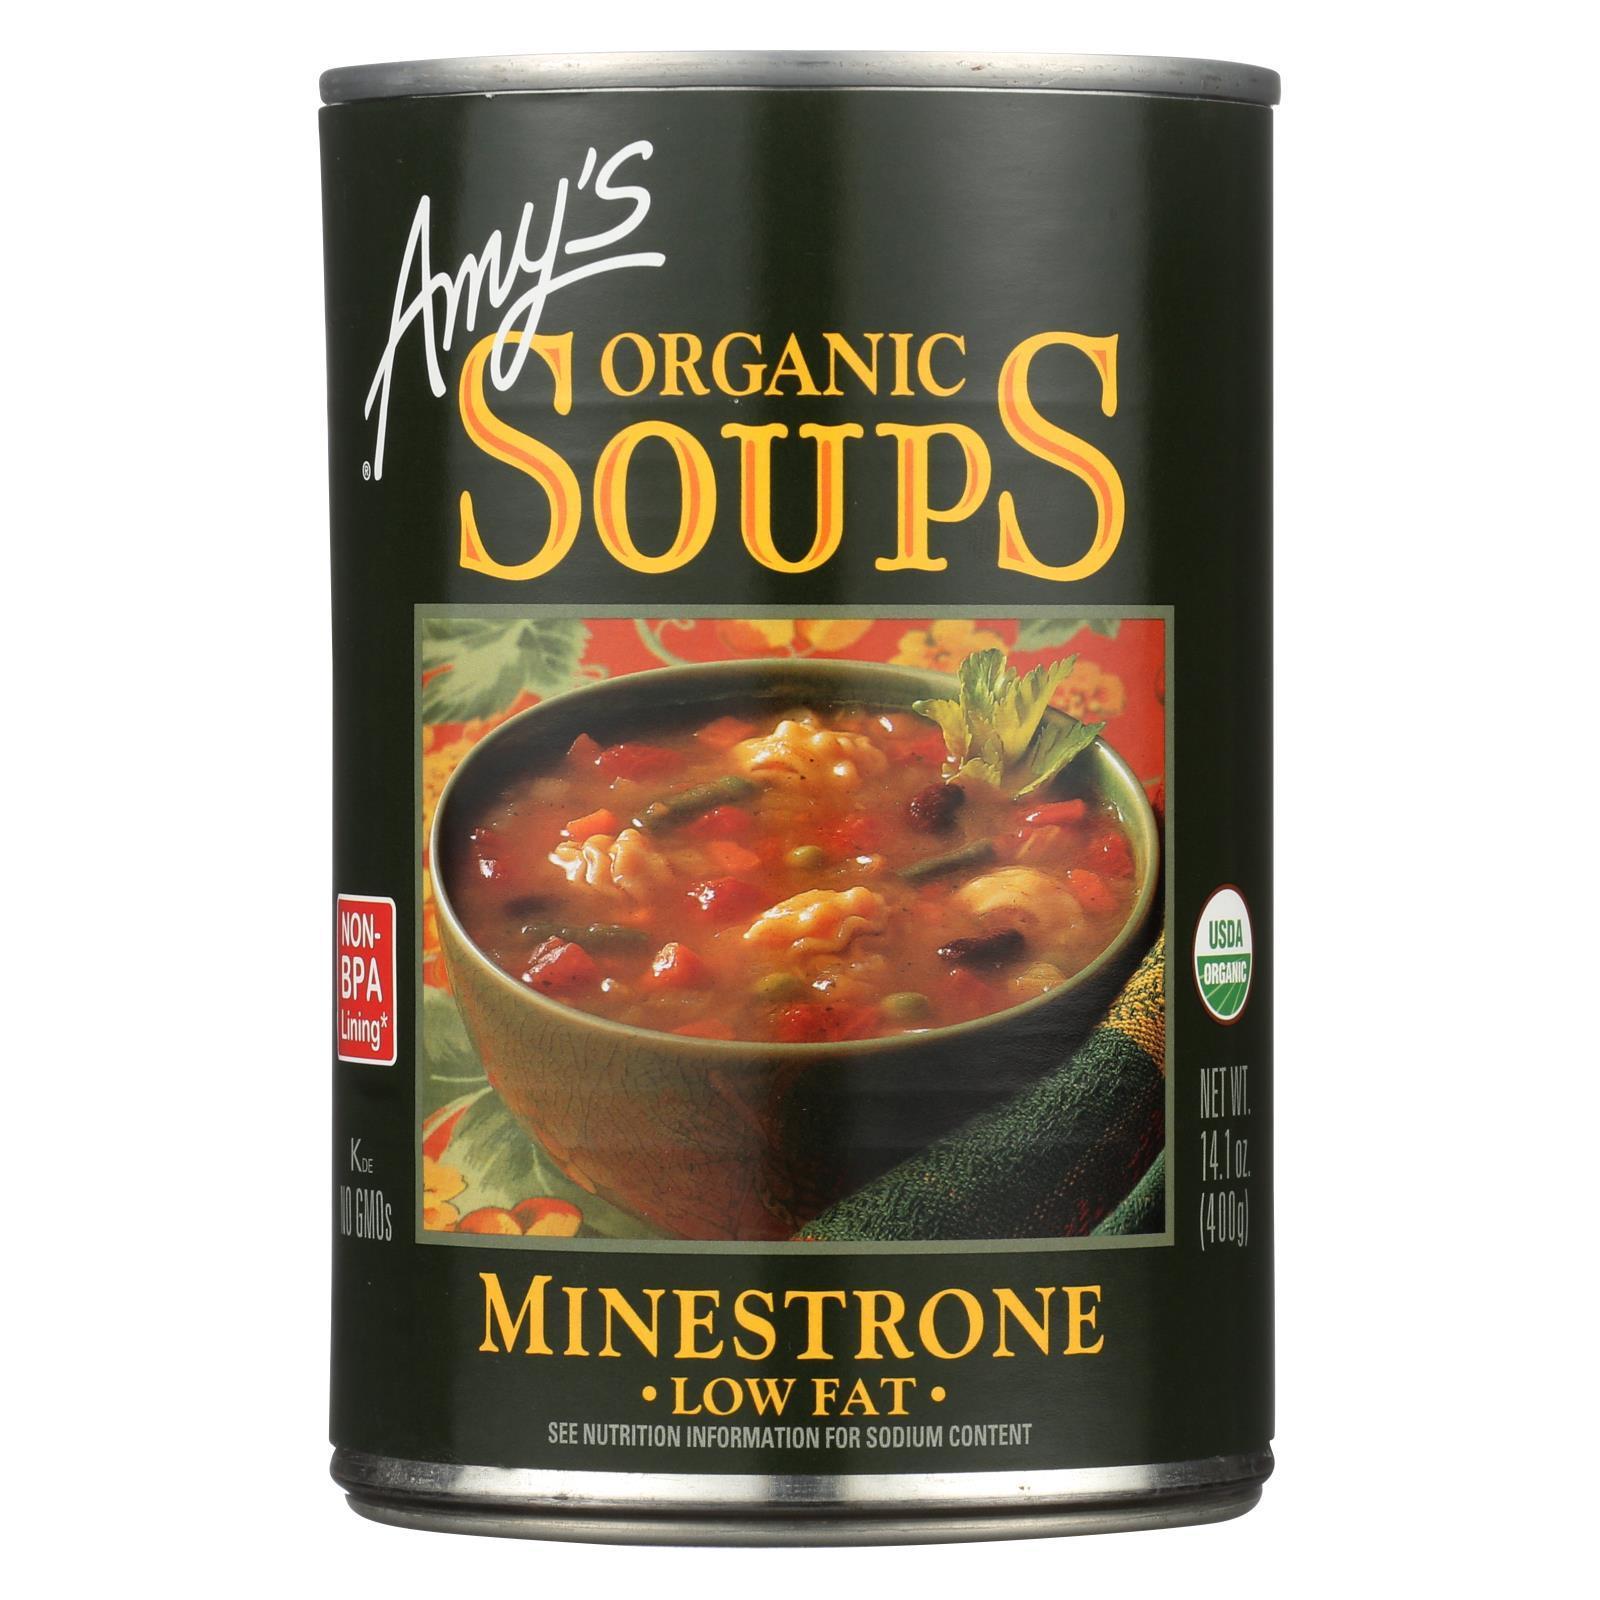 Amy's Soup - Low Fat - Case of 1 - 14.1 oz.